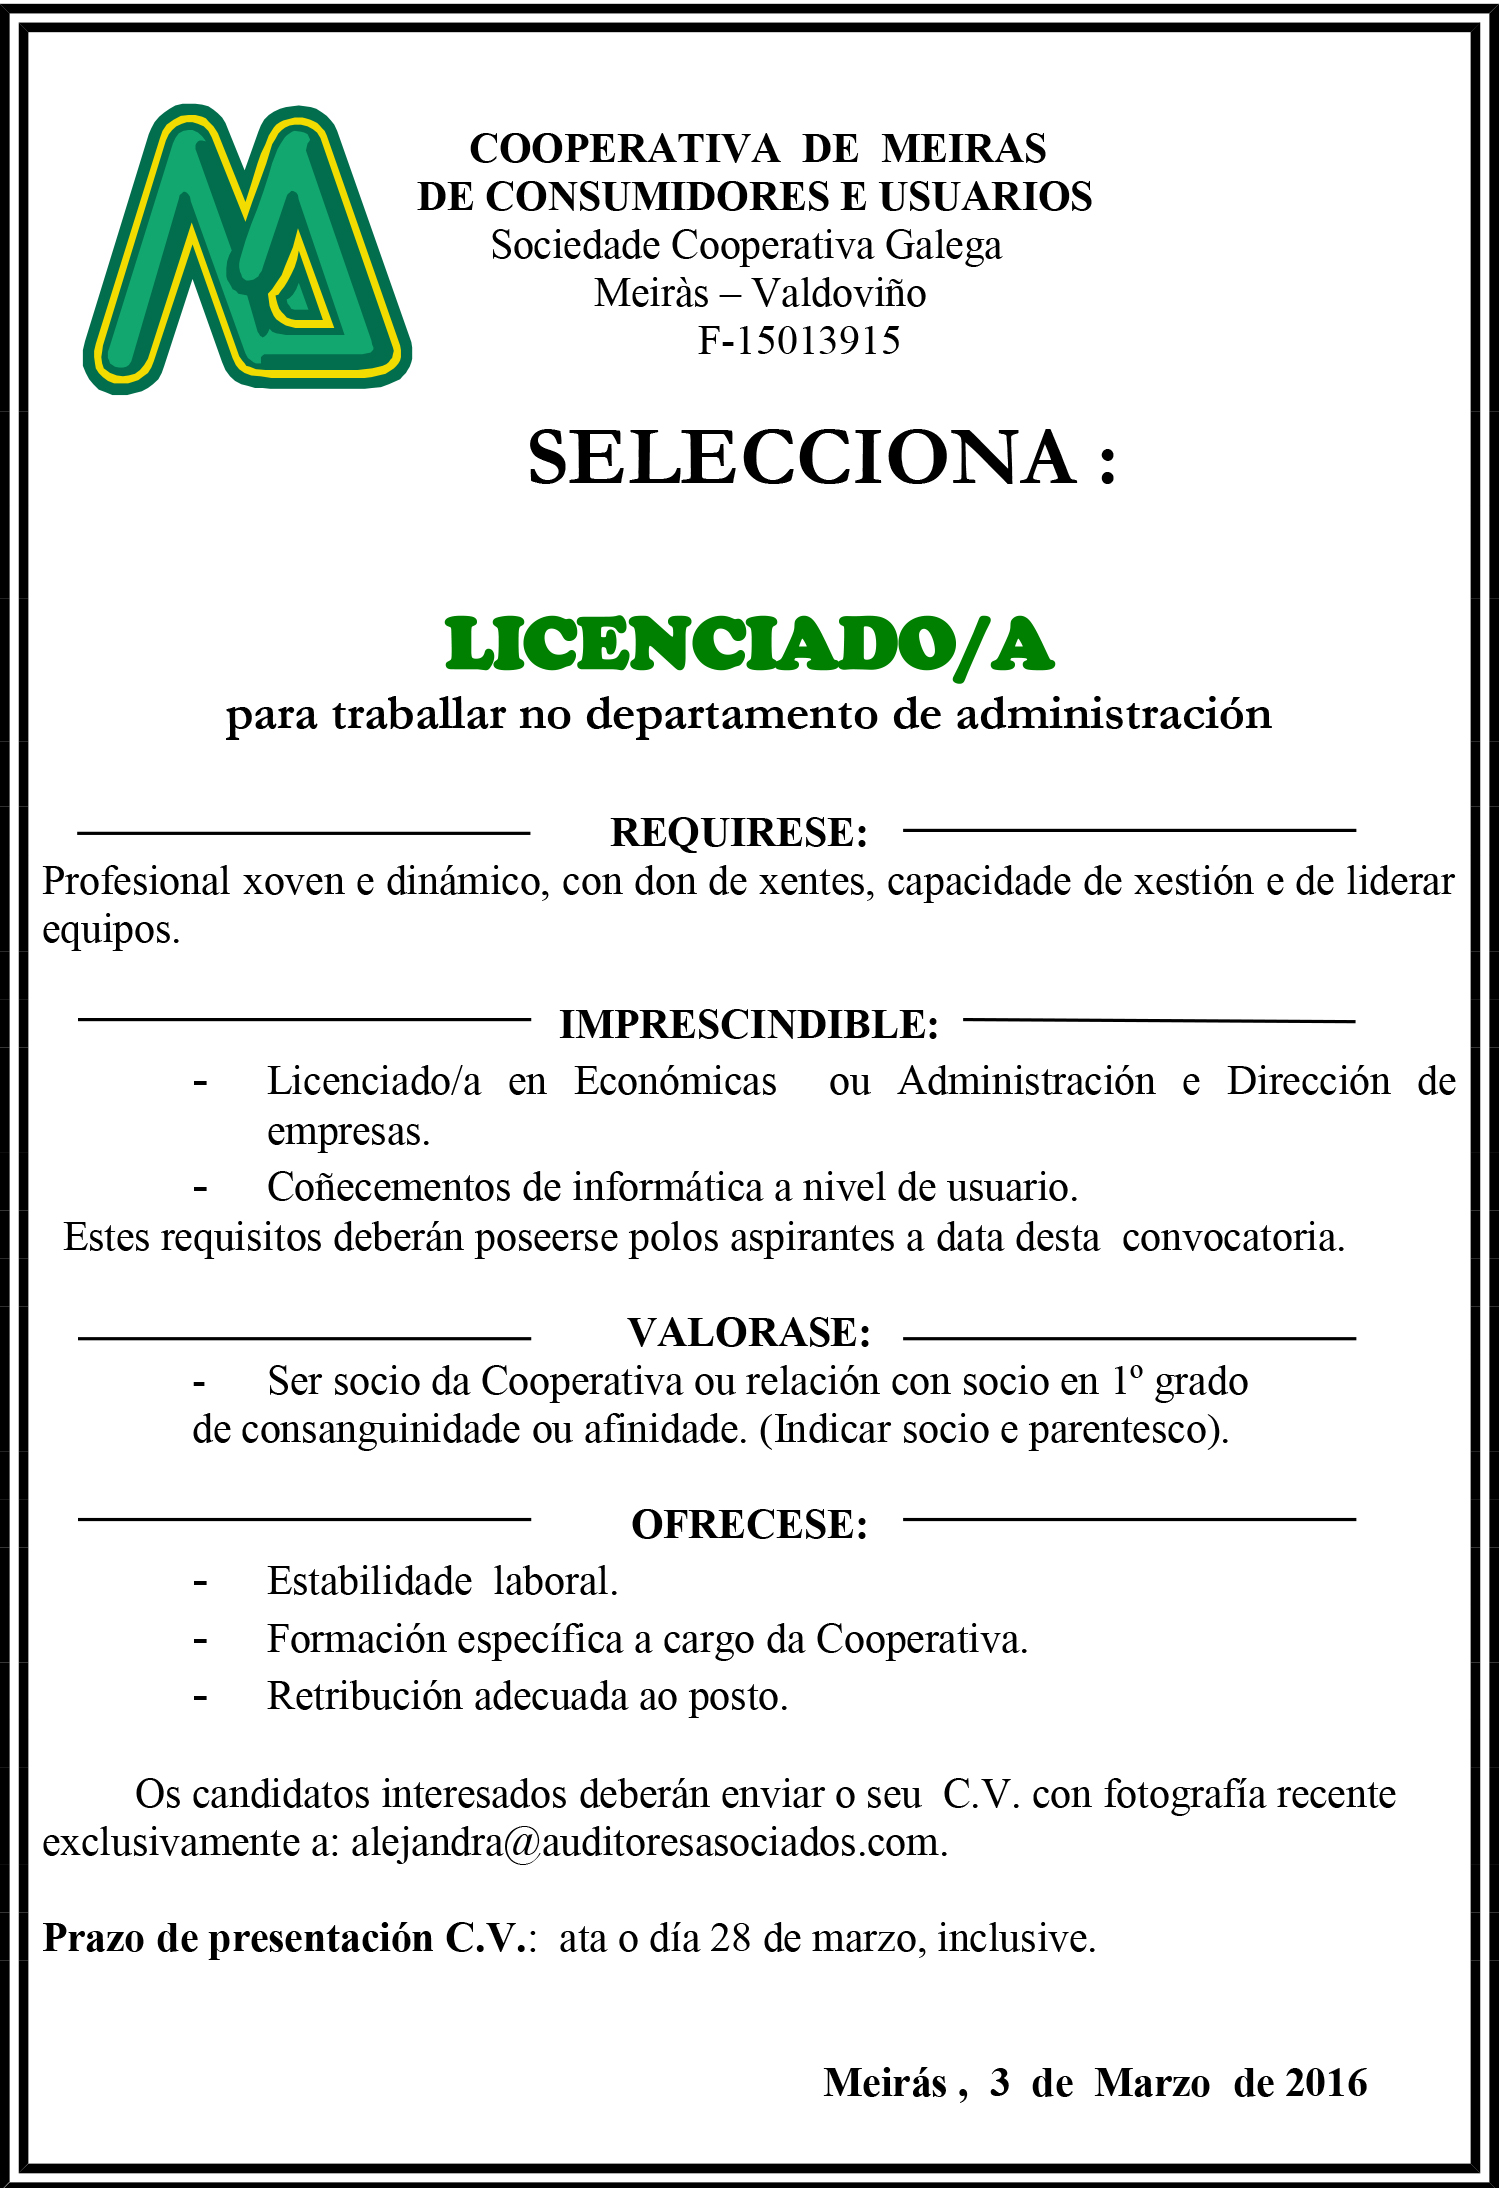 Oferta de emprego para vacante en Administración